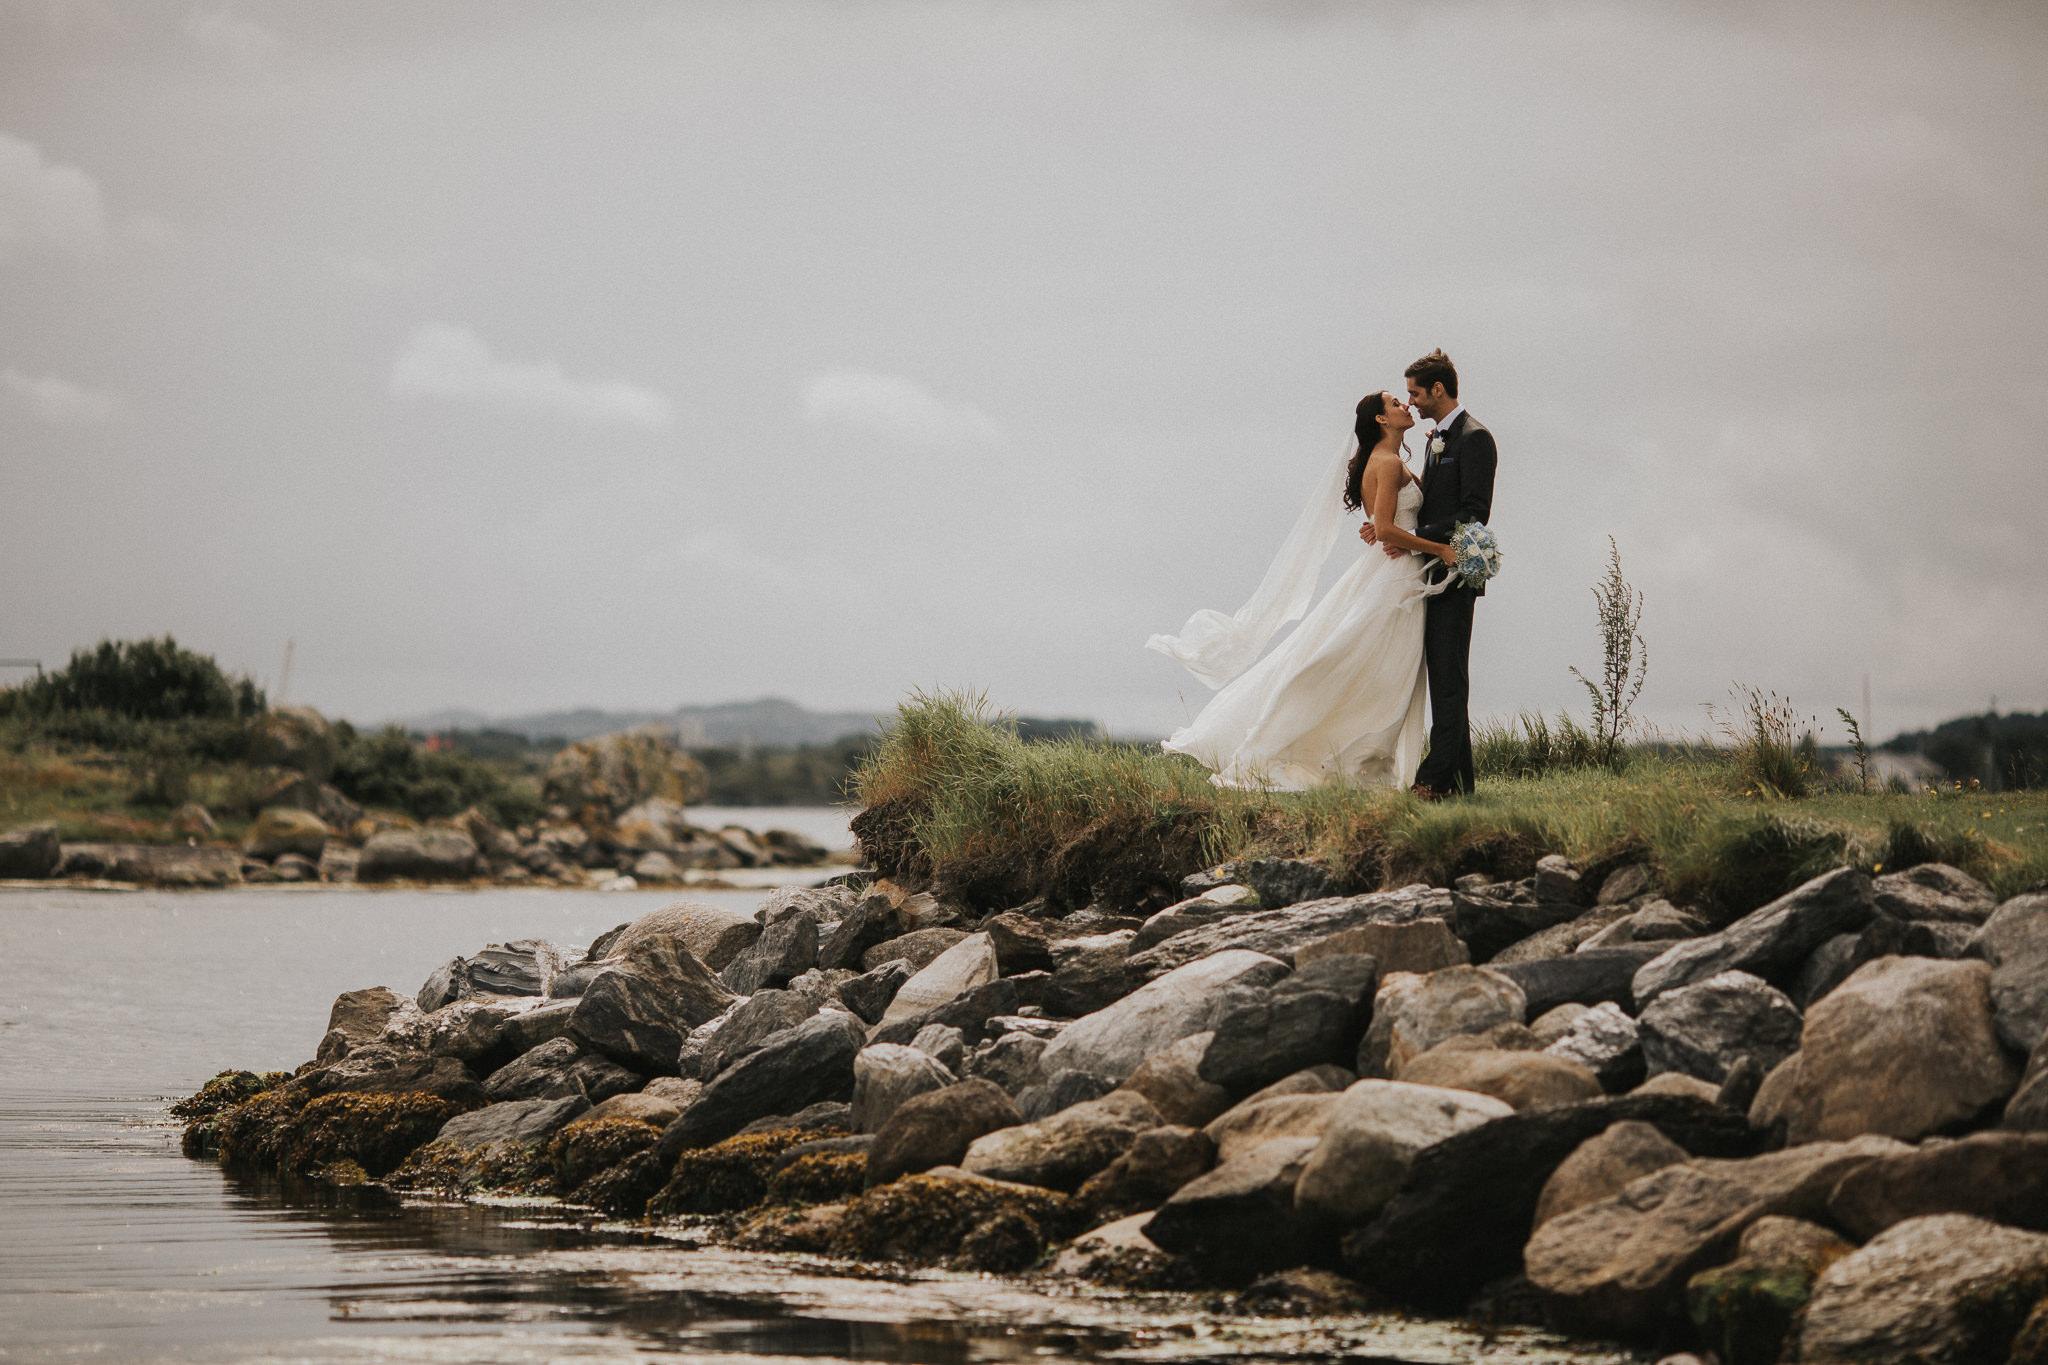 bryllupsbilde-blikkfangerne-fotograf-Tone-Tvedt05.jpg